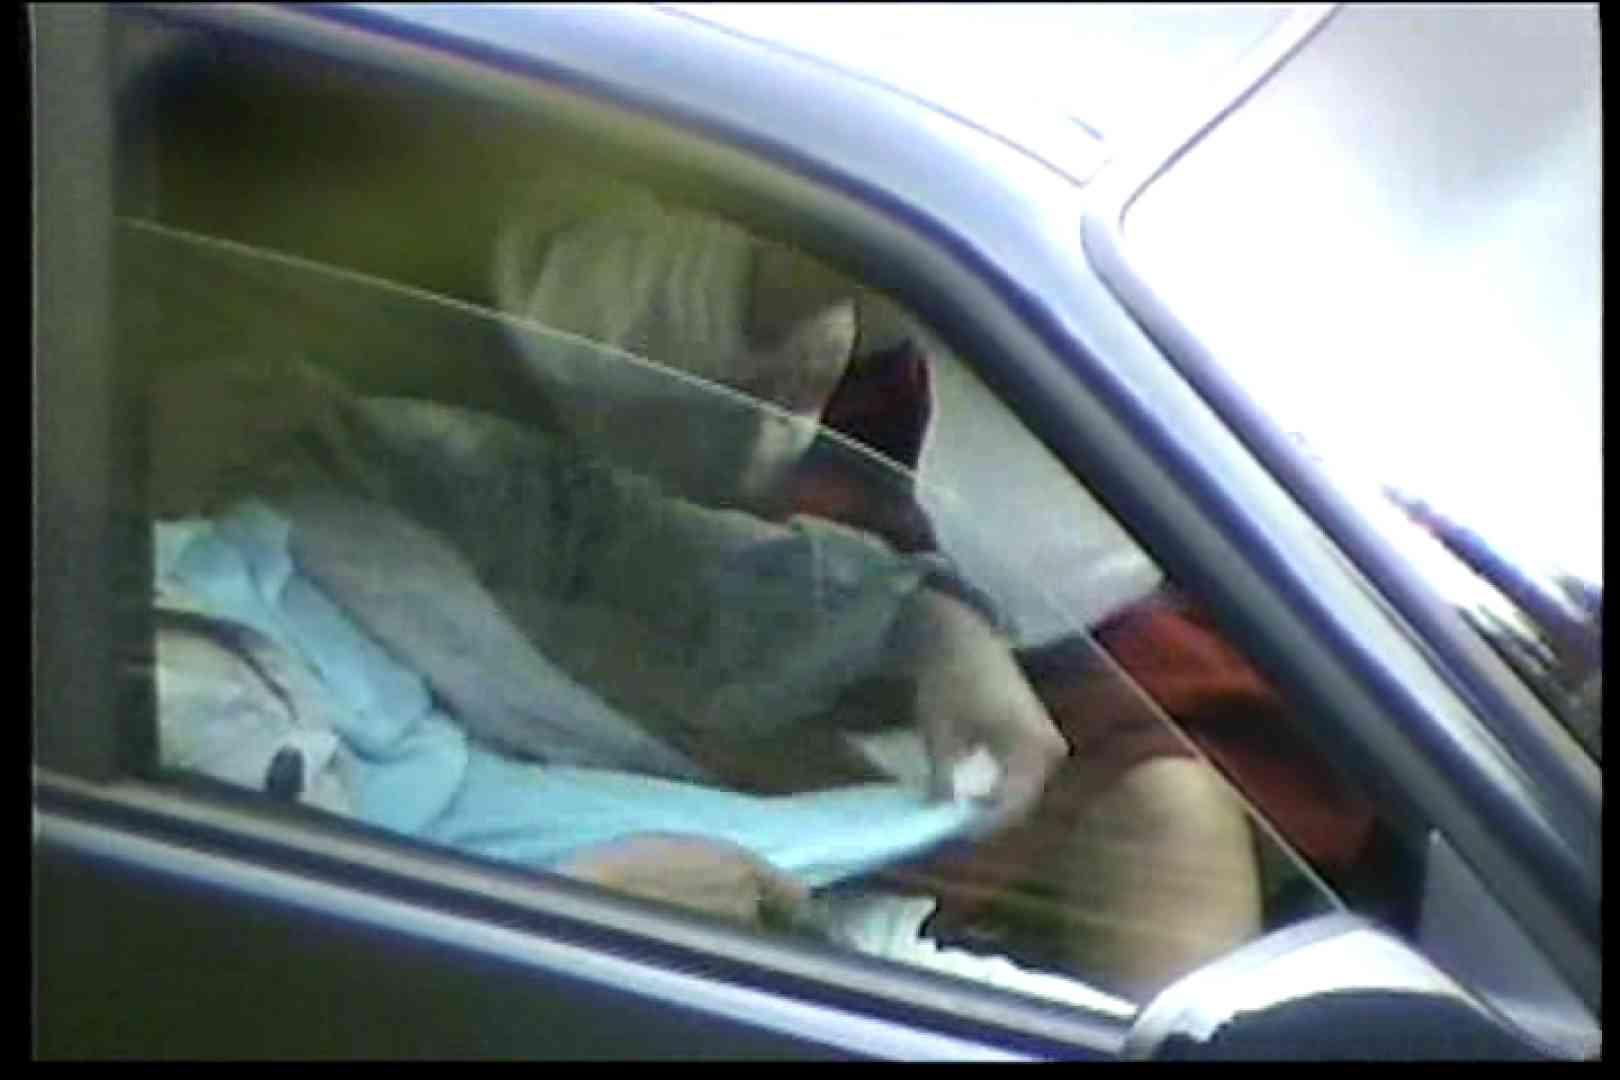 車の中はラブホテル 無修正版  Vol.12 感じるセックス オマンコ動画キャプチャ 109連発 43